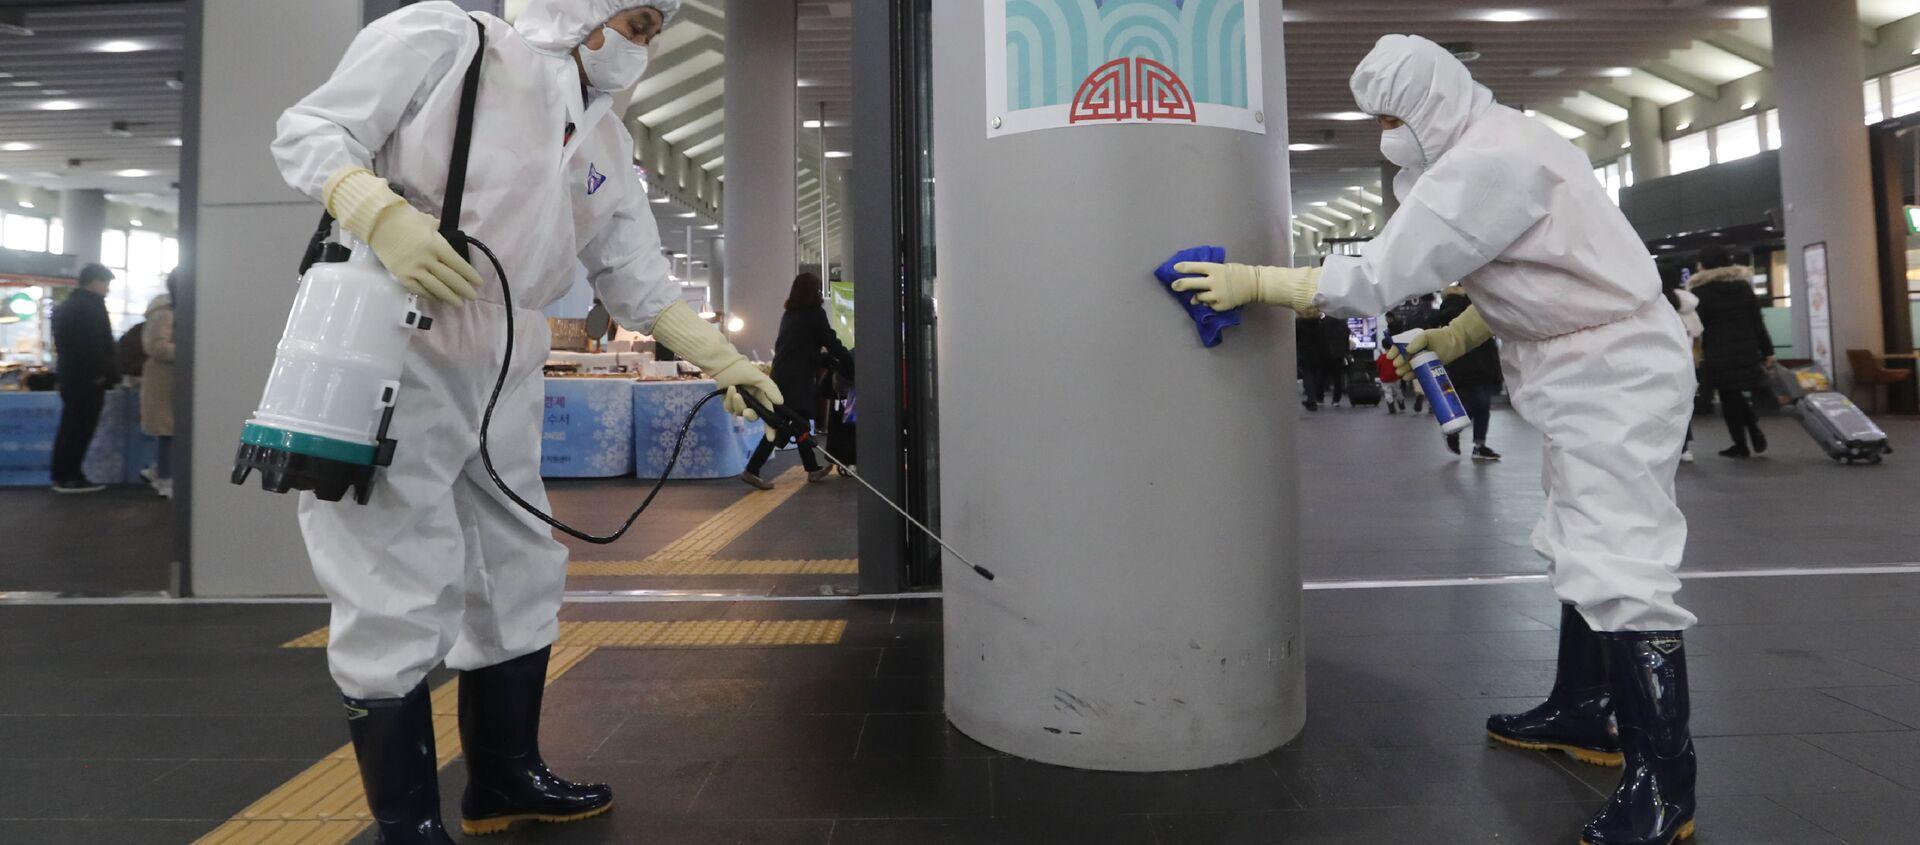 Сотрудники работают над предотвращением появления нового коронавируса на станции Сусео в Сеуле, Южная Корея - Sputnik Таджикистан, 1920, 23.03.2020